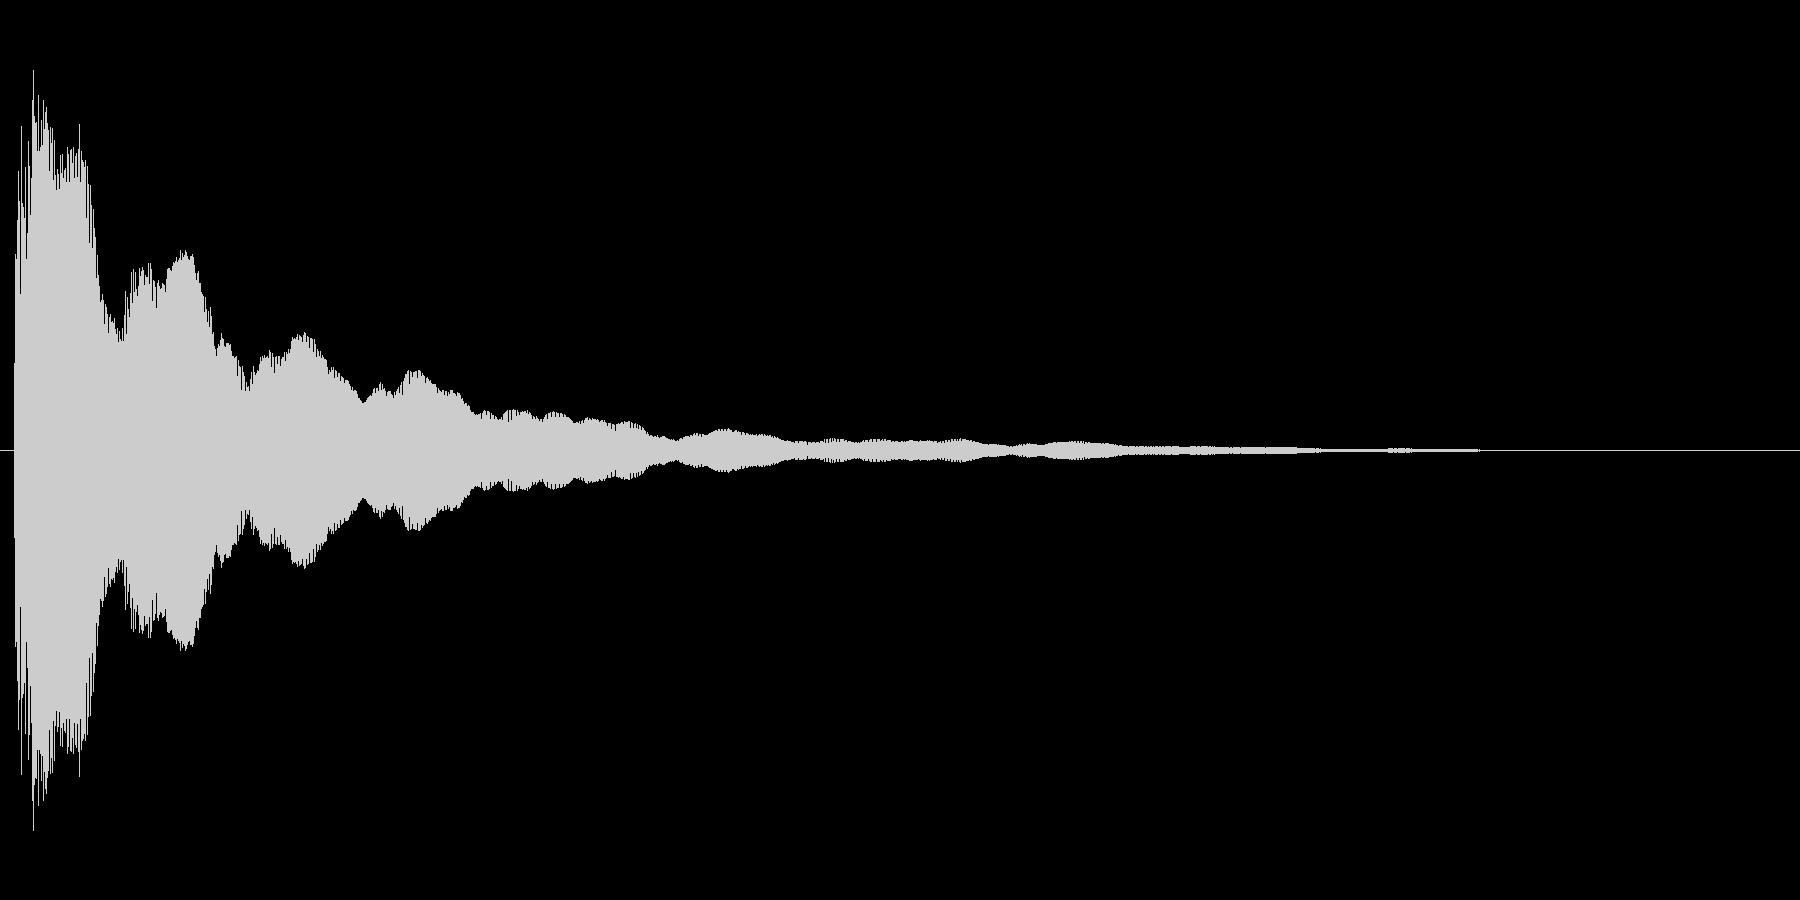 コミカルなバネのような効果音(mid)の未再生の波形